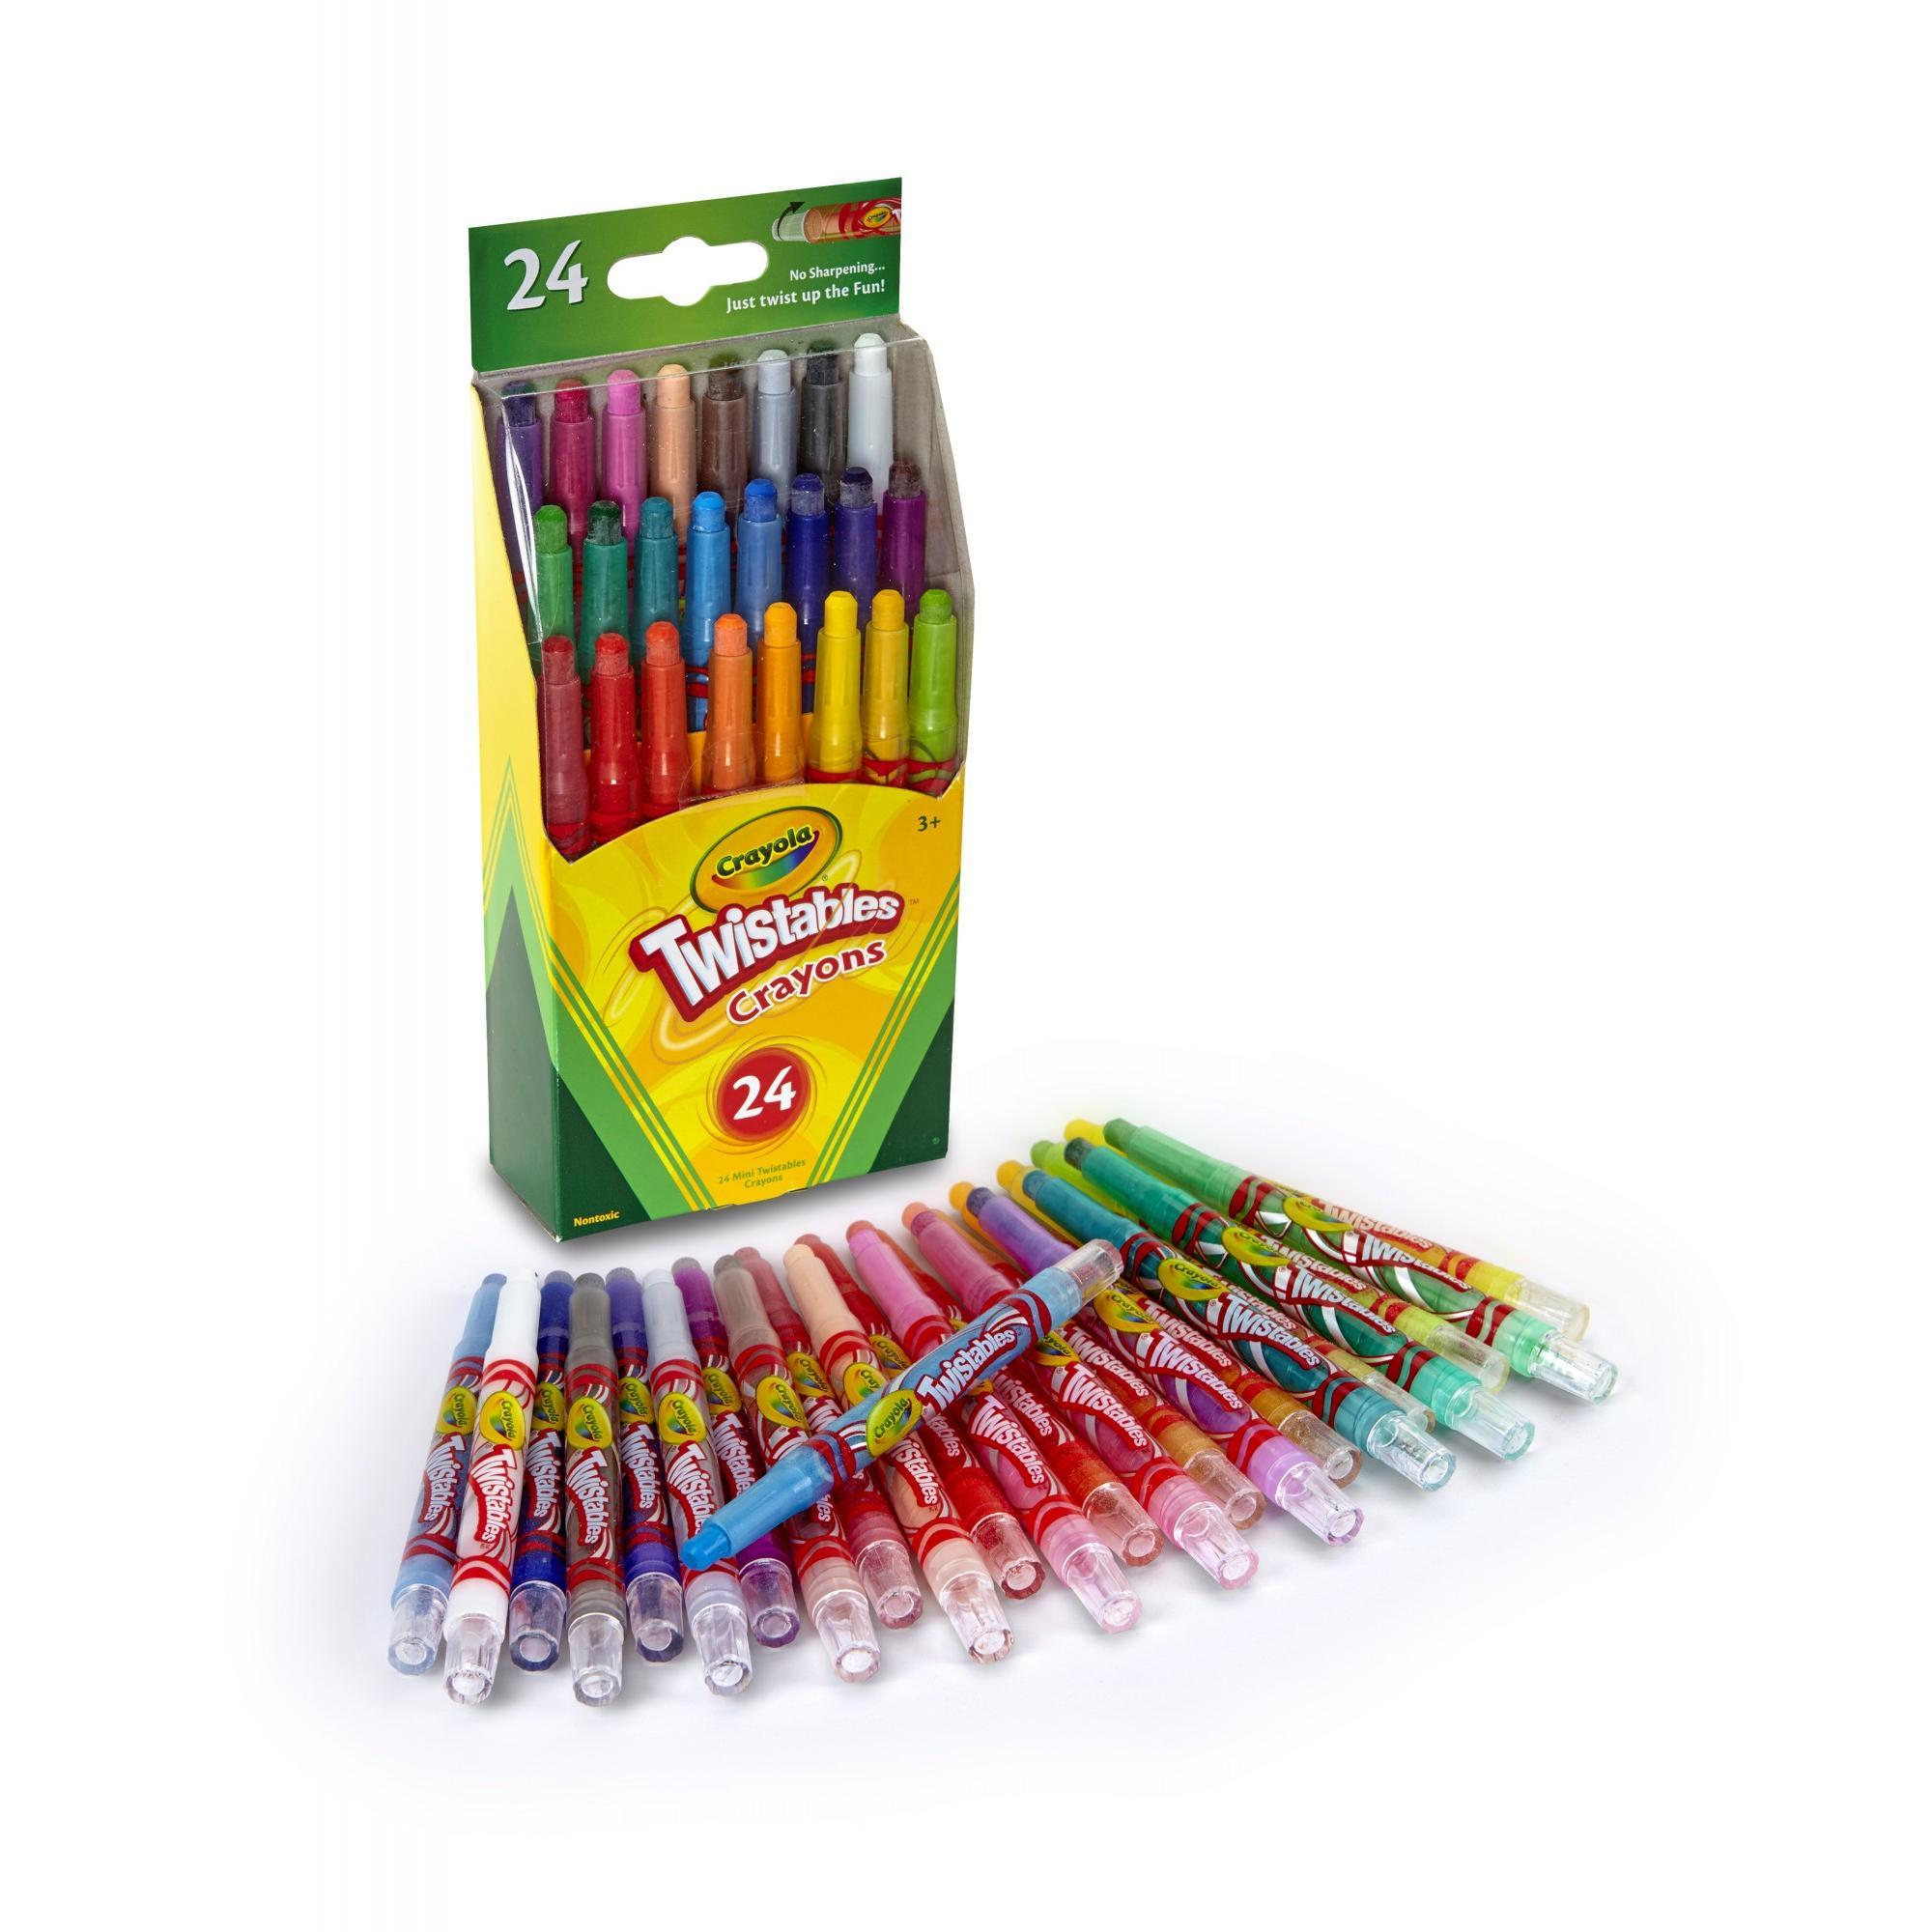 crayola twistables mini crayons 24 colorspack walmartcom - Crayola Crayons Pictures